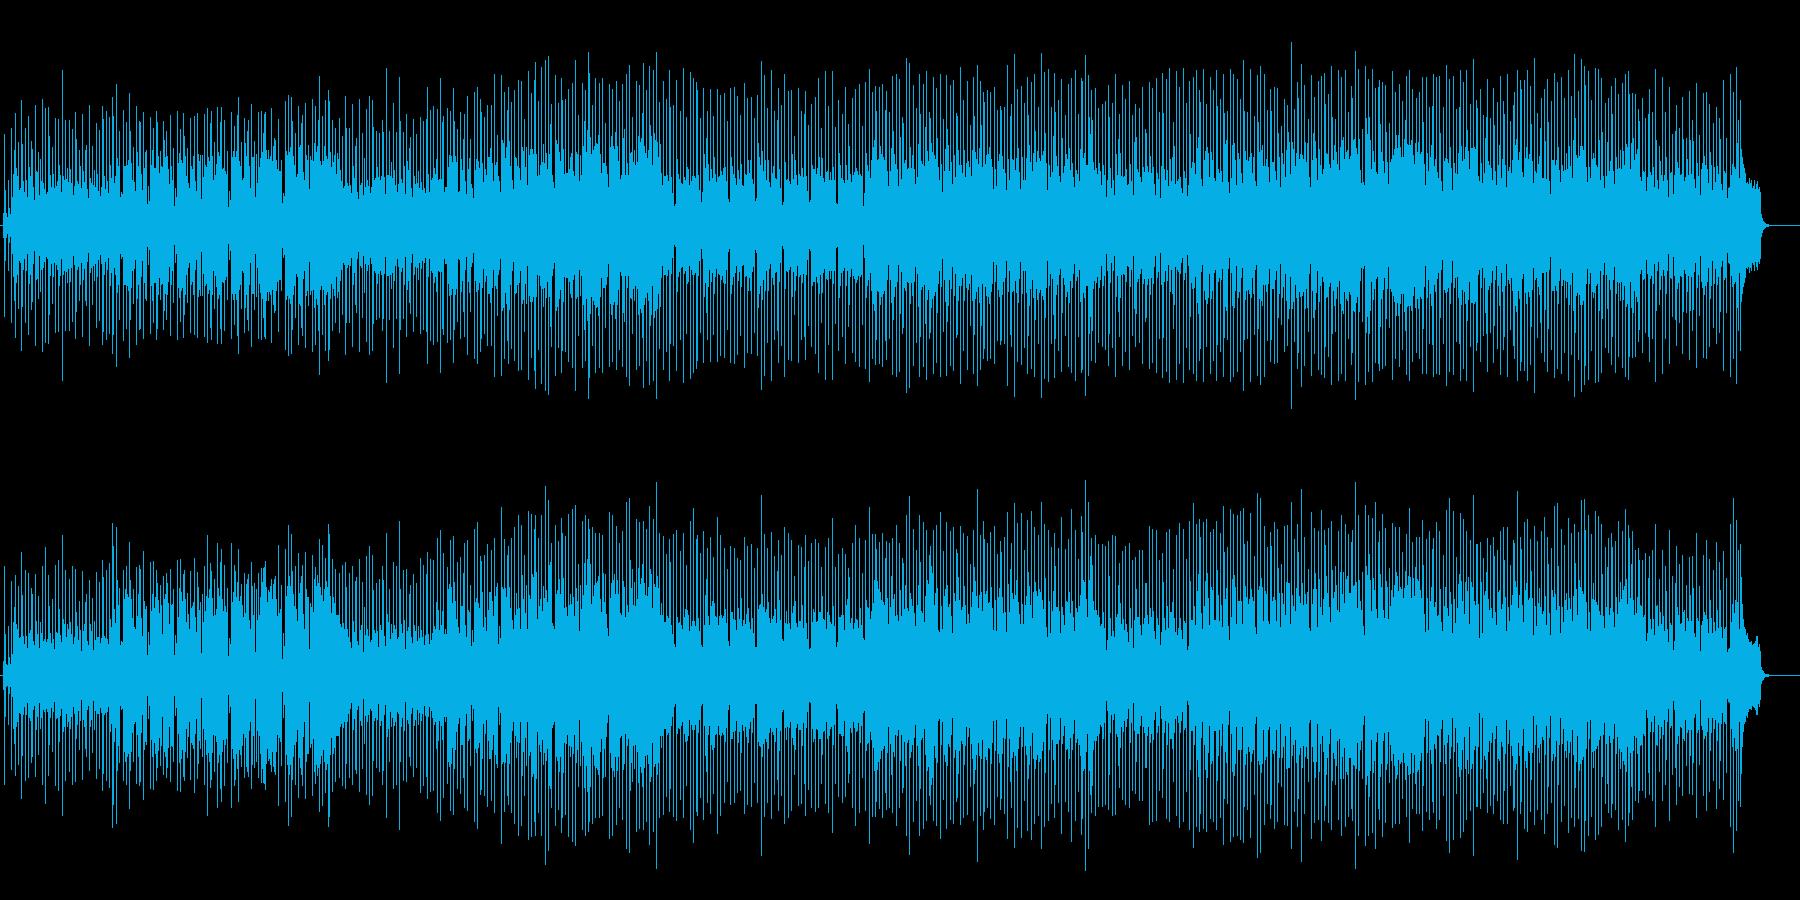 南国気分のスロー・レゲェ系ポップの再生済みの波形